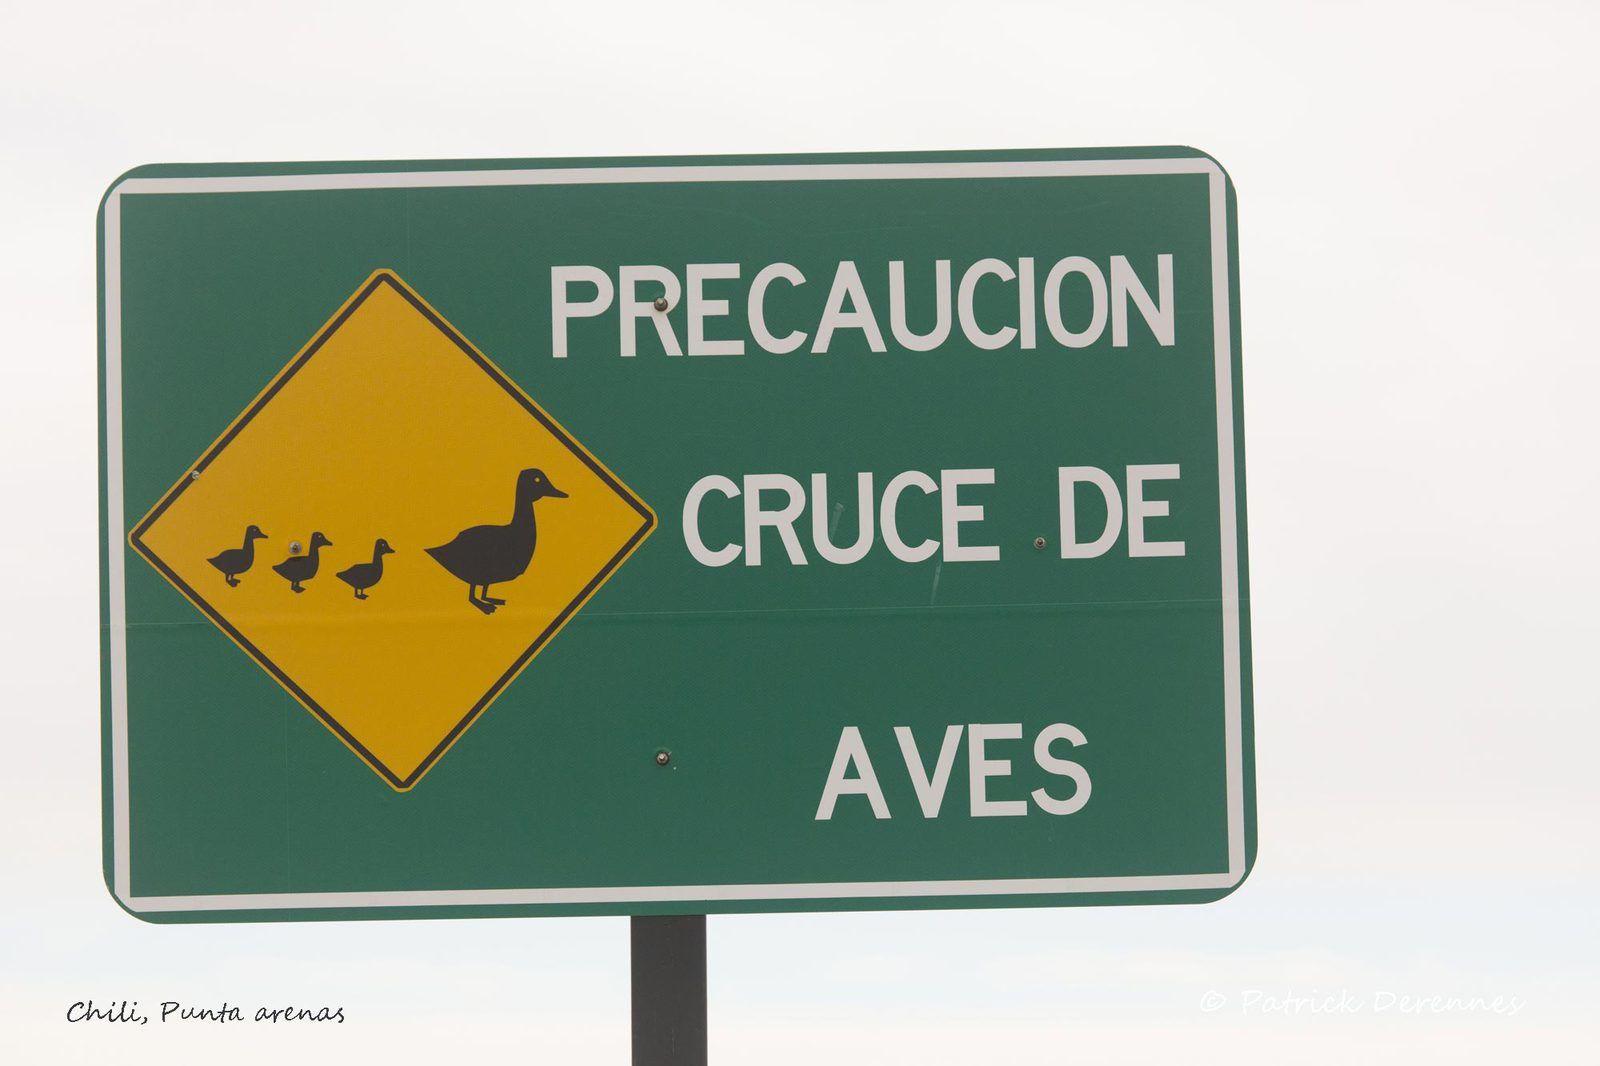 Chili - Punta arenas 1